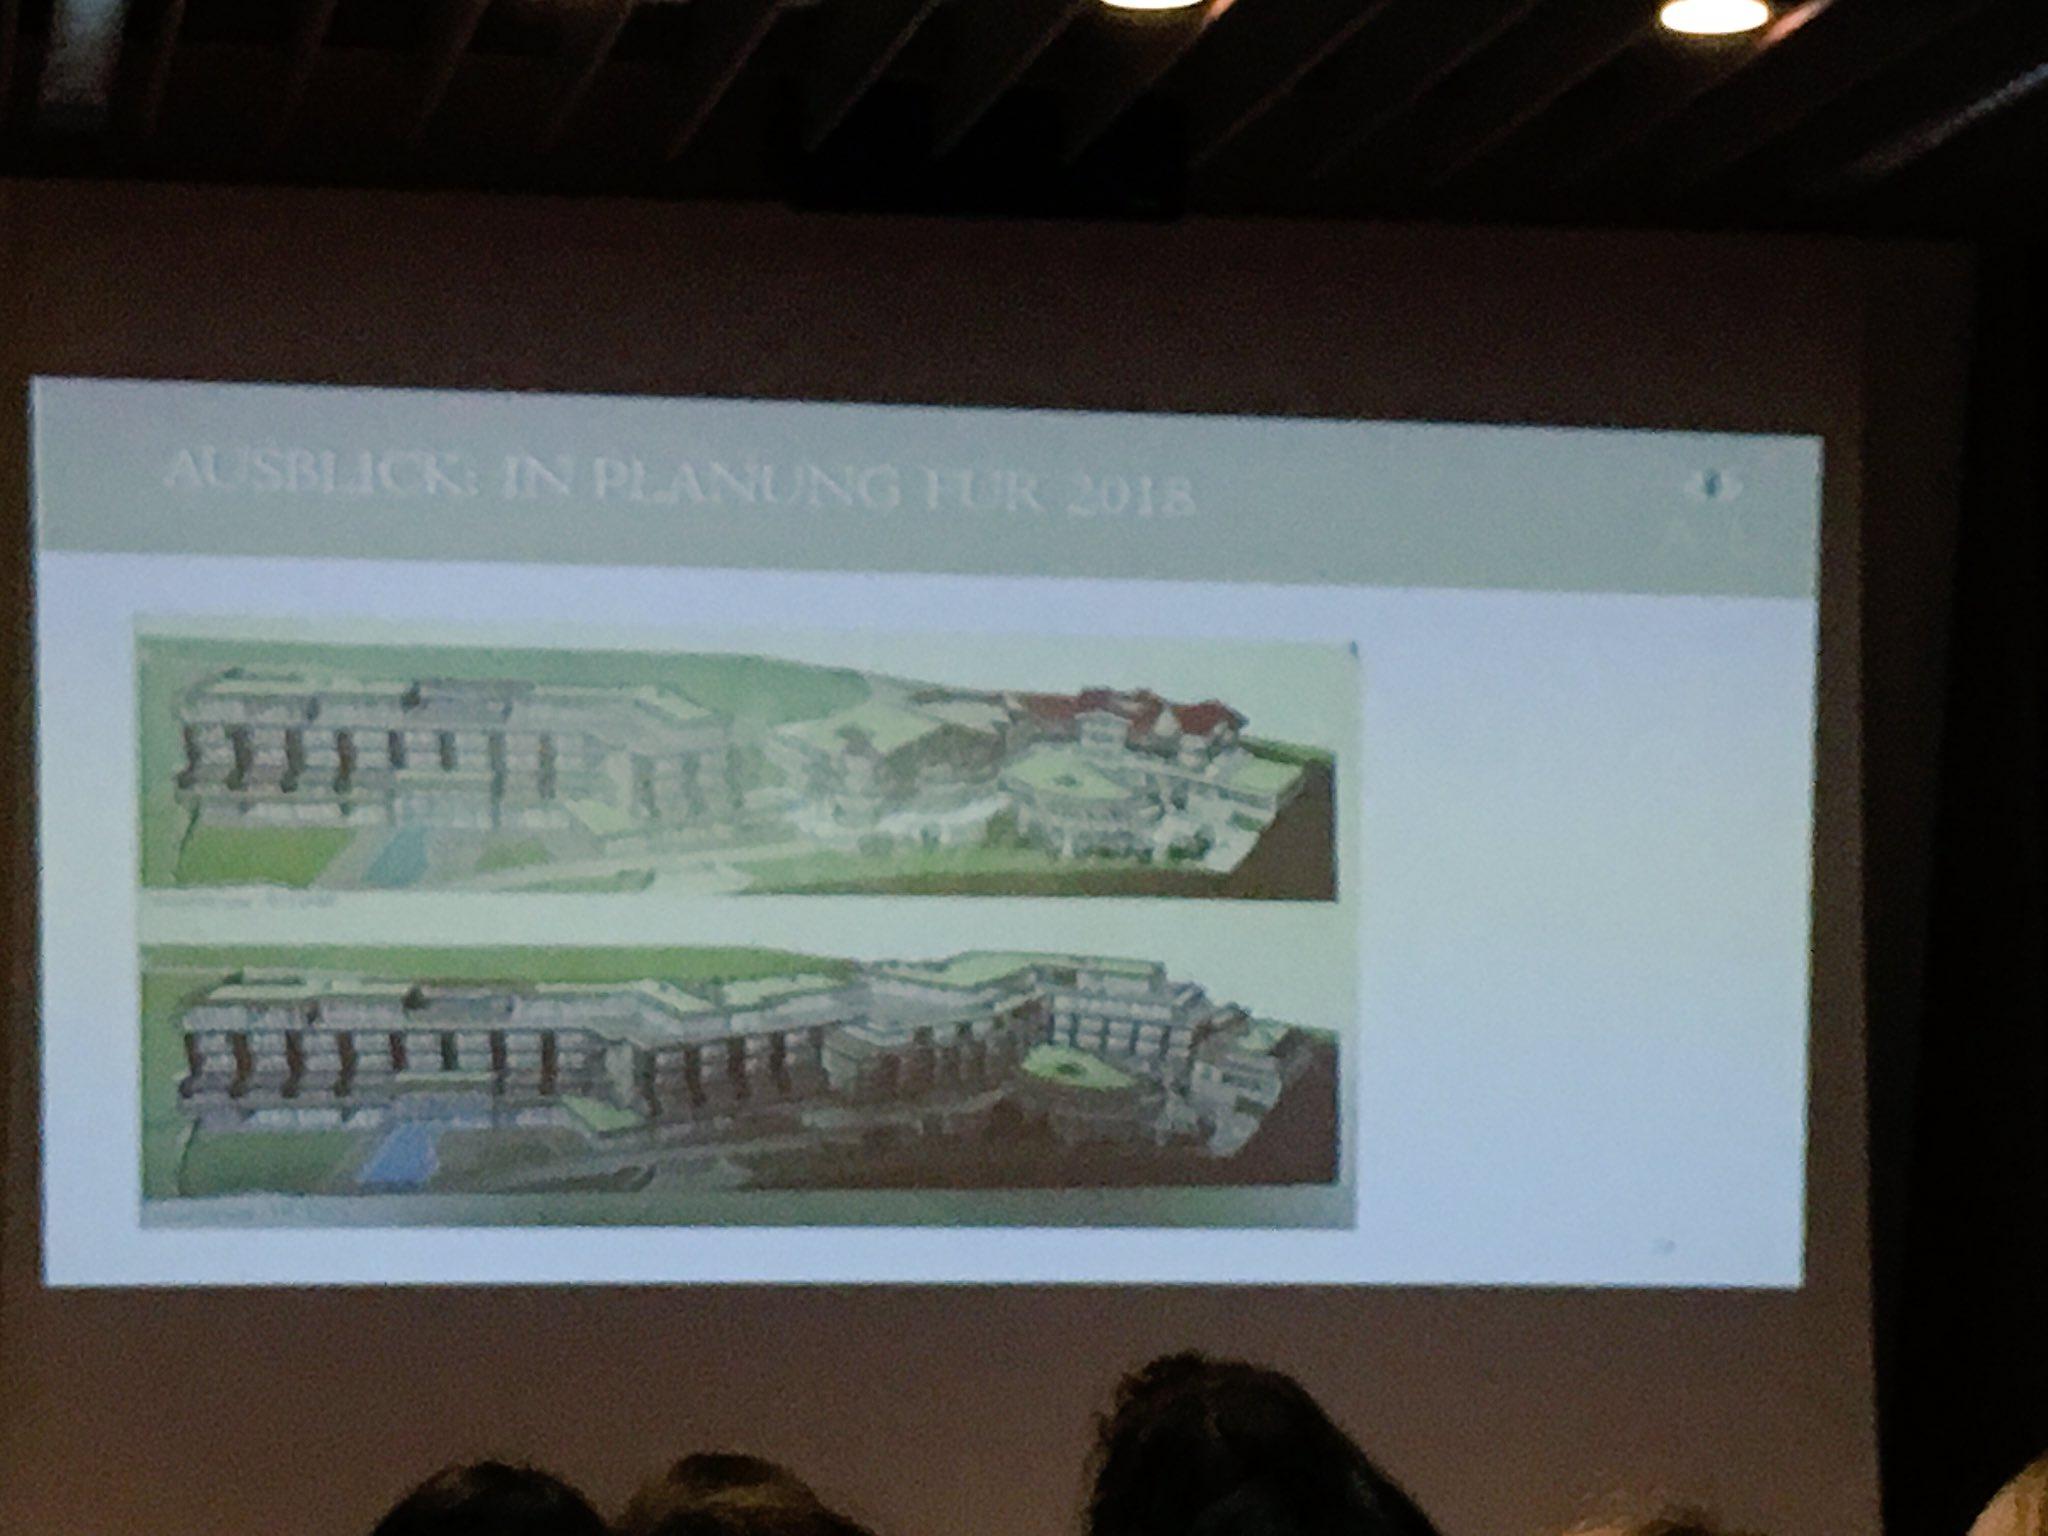 #TMCbz Für 2018 geplant: weg von den Türmchen, architektonisch neue Wege im Design. https://t.co/L39X6gDC1Q